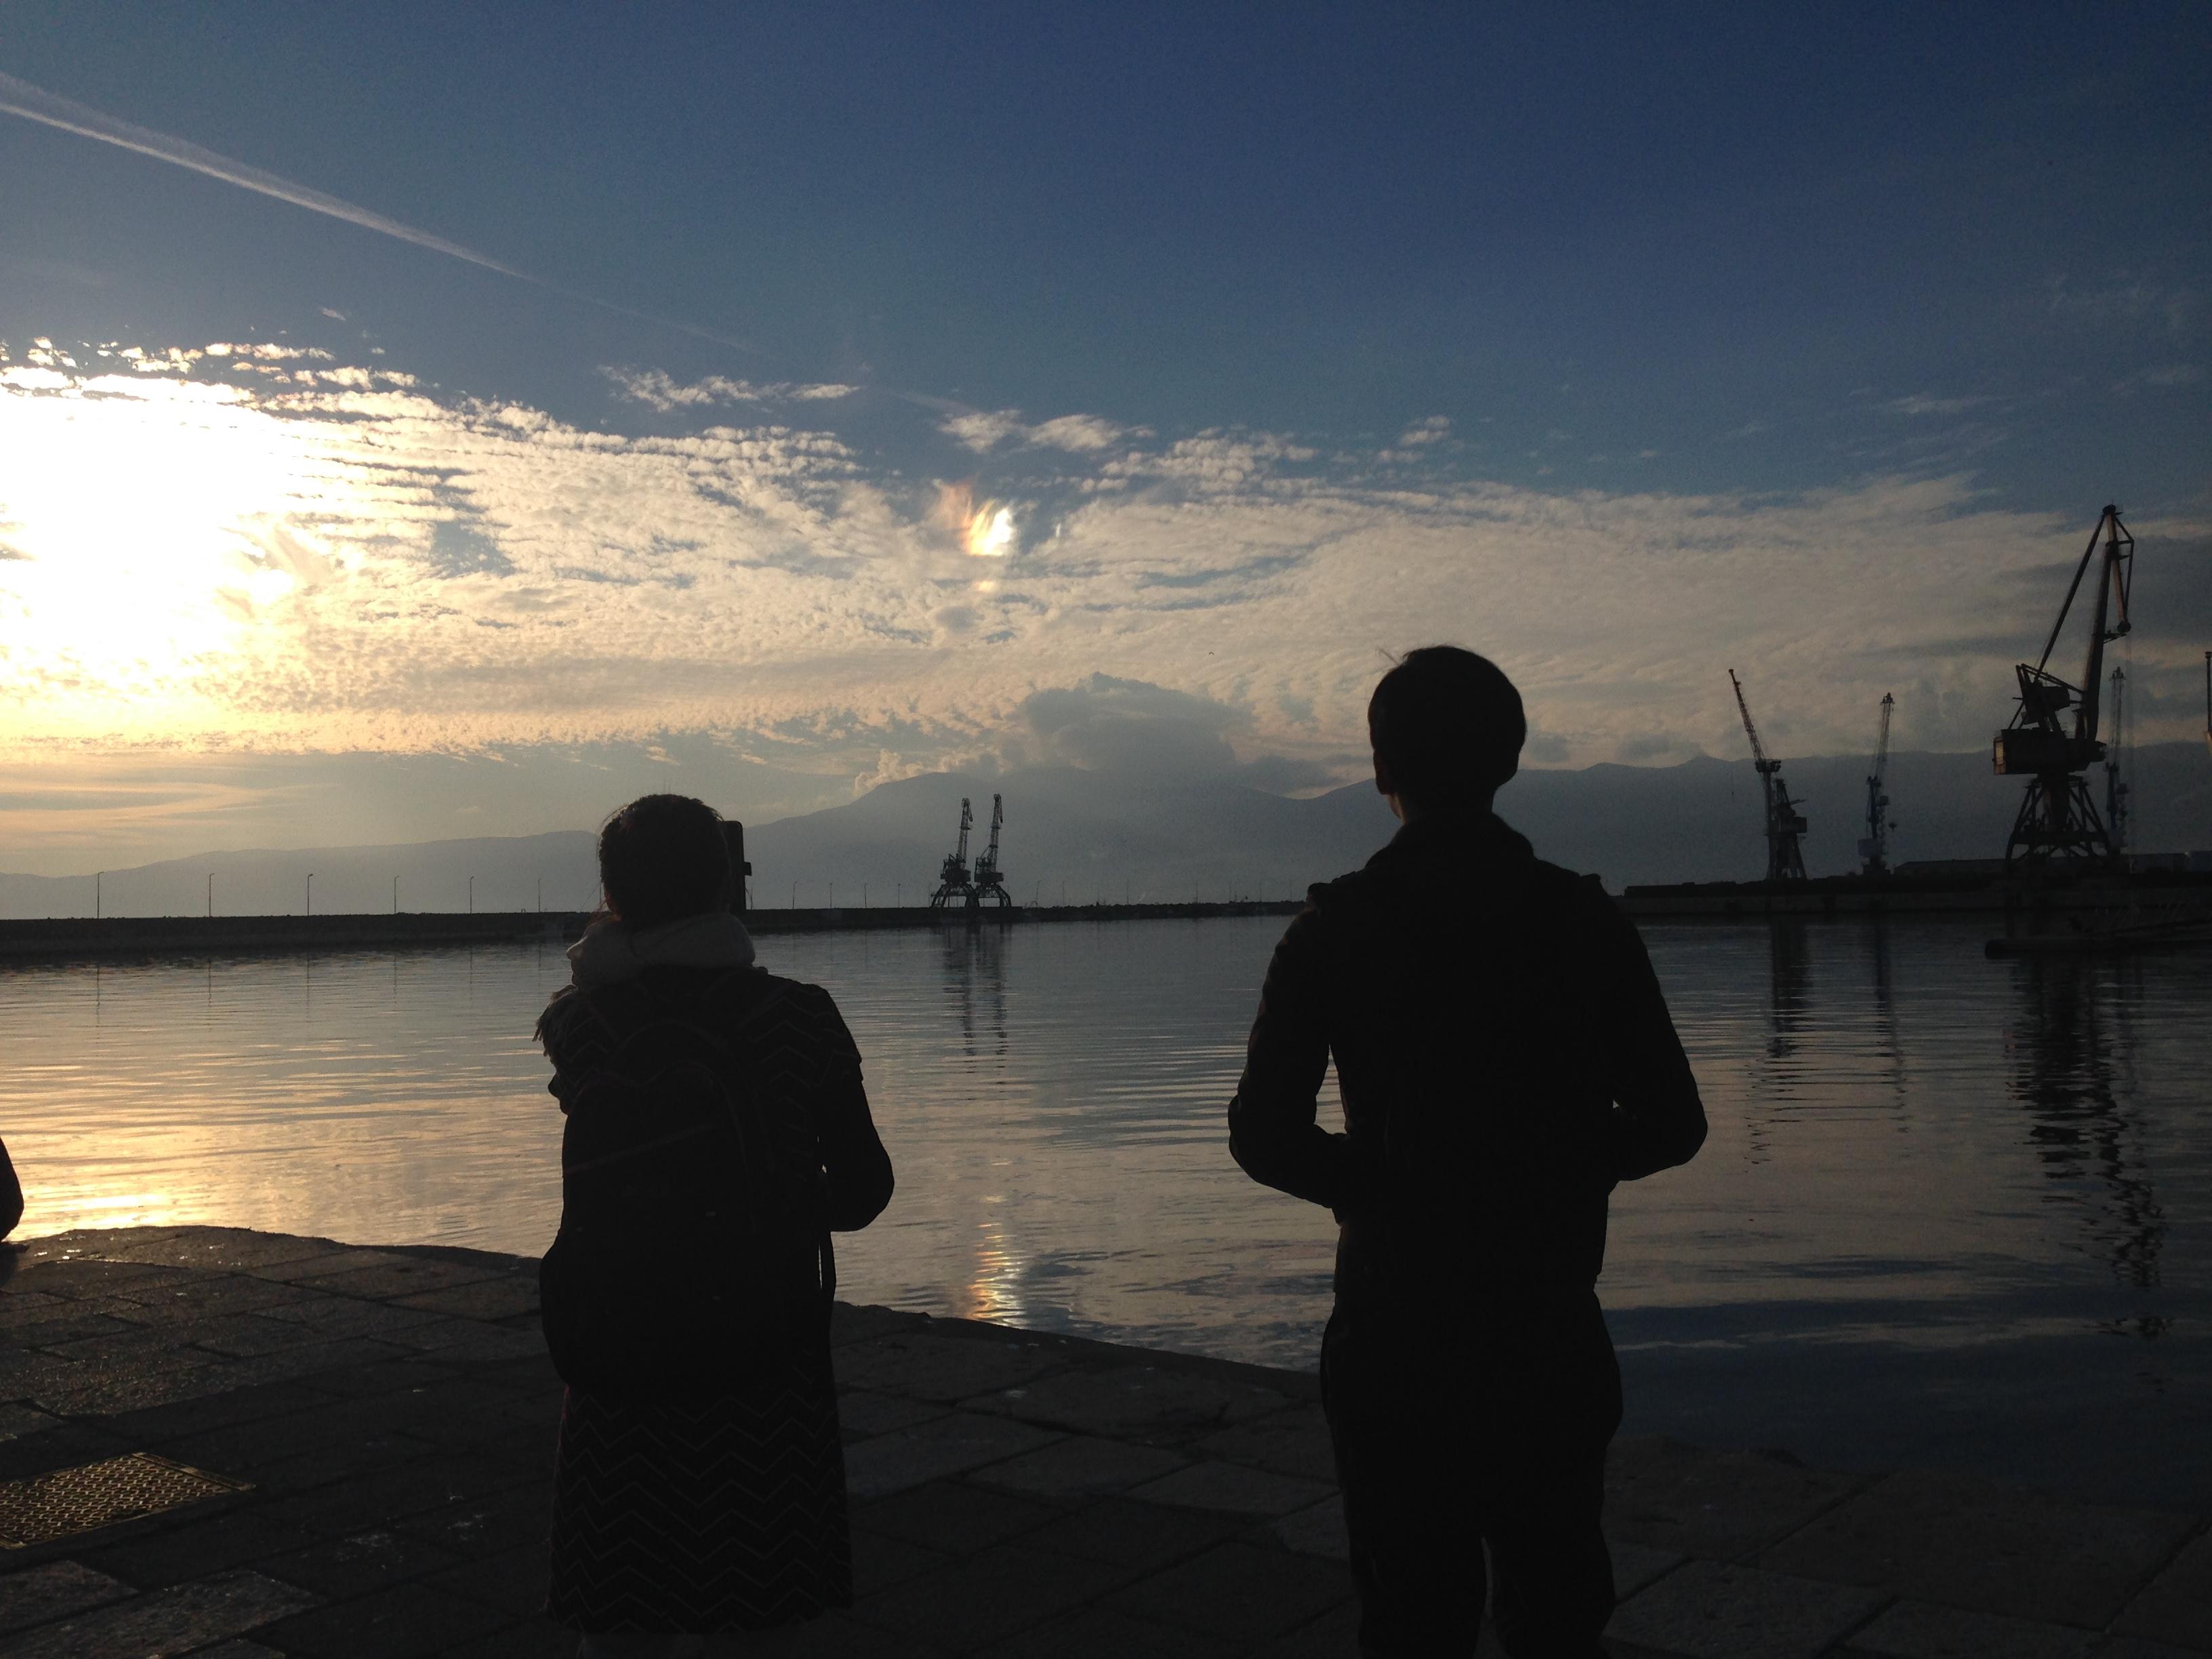 リエカ ~クロアチアの港町で見つけた光~